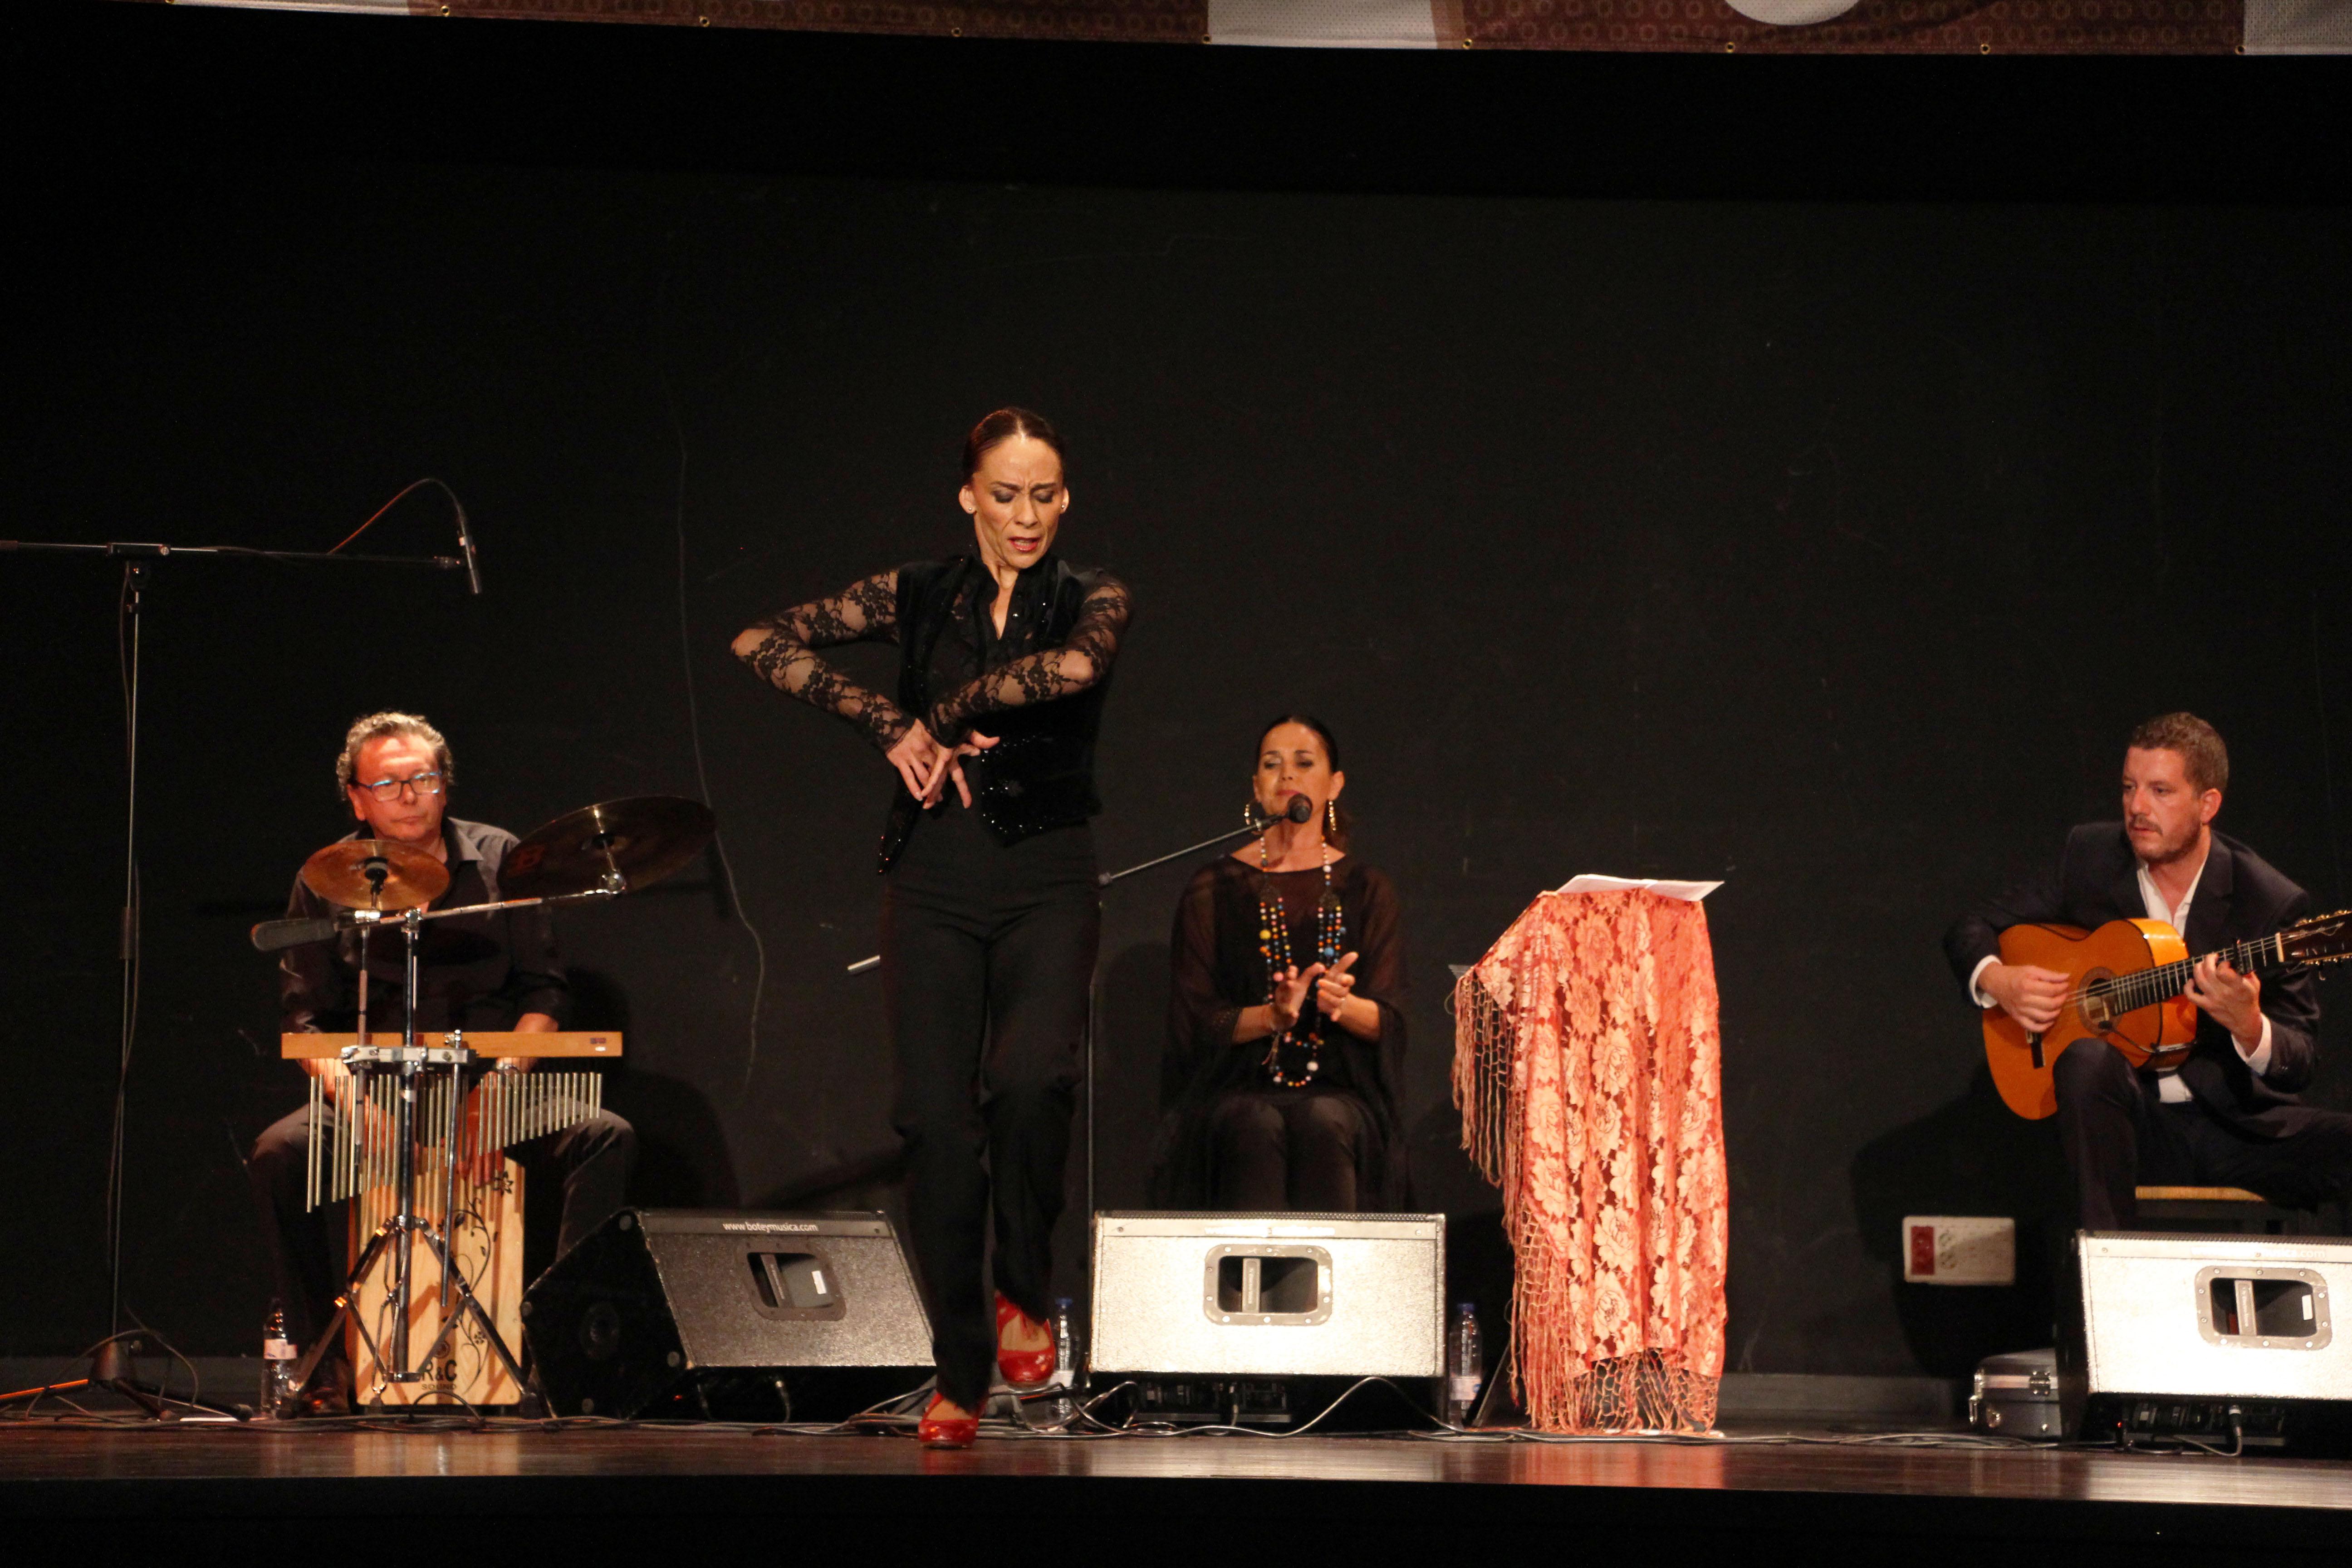 La 'cantaora' Sonia Miranda ha actuat aquest dimecres al